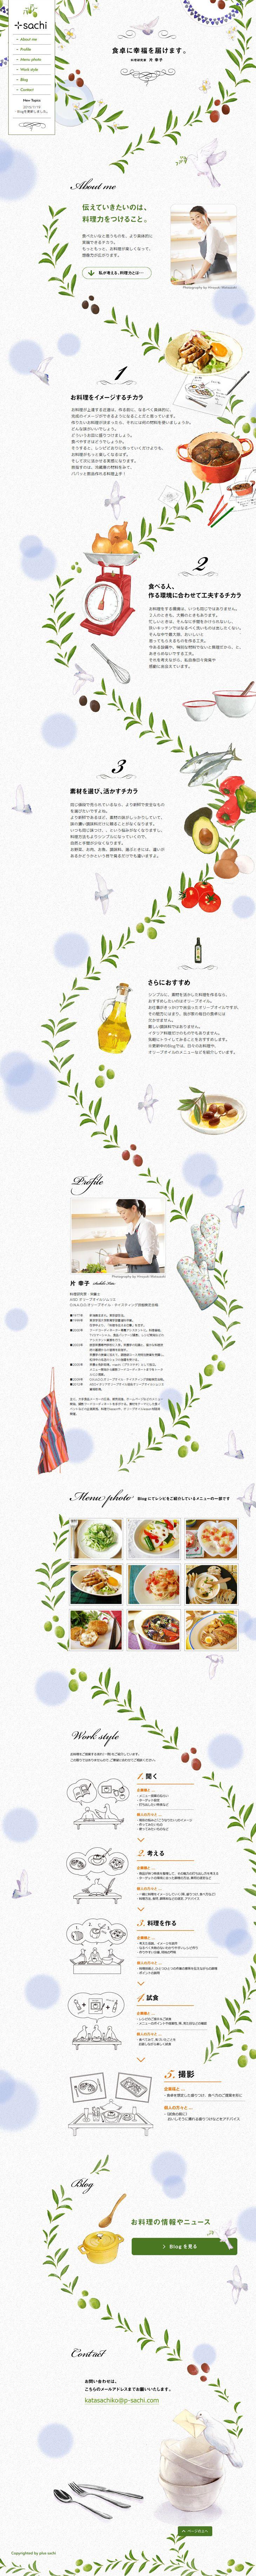 ランディングページ LP 片幸子公式サイト|食品・飲料・お酒|自社サイト